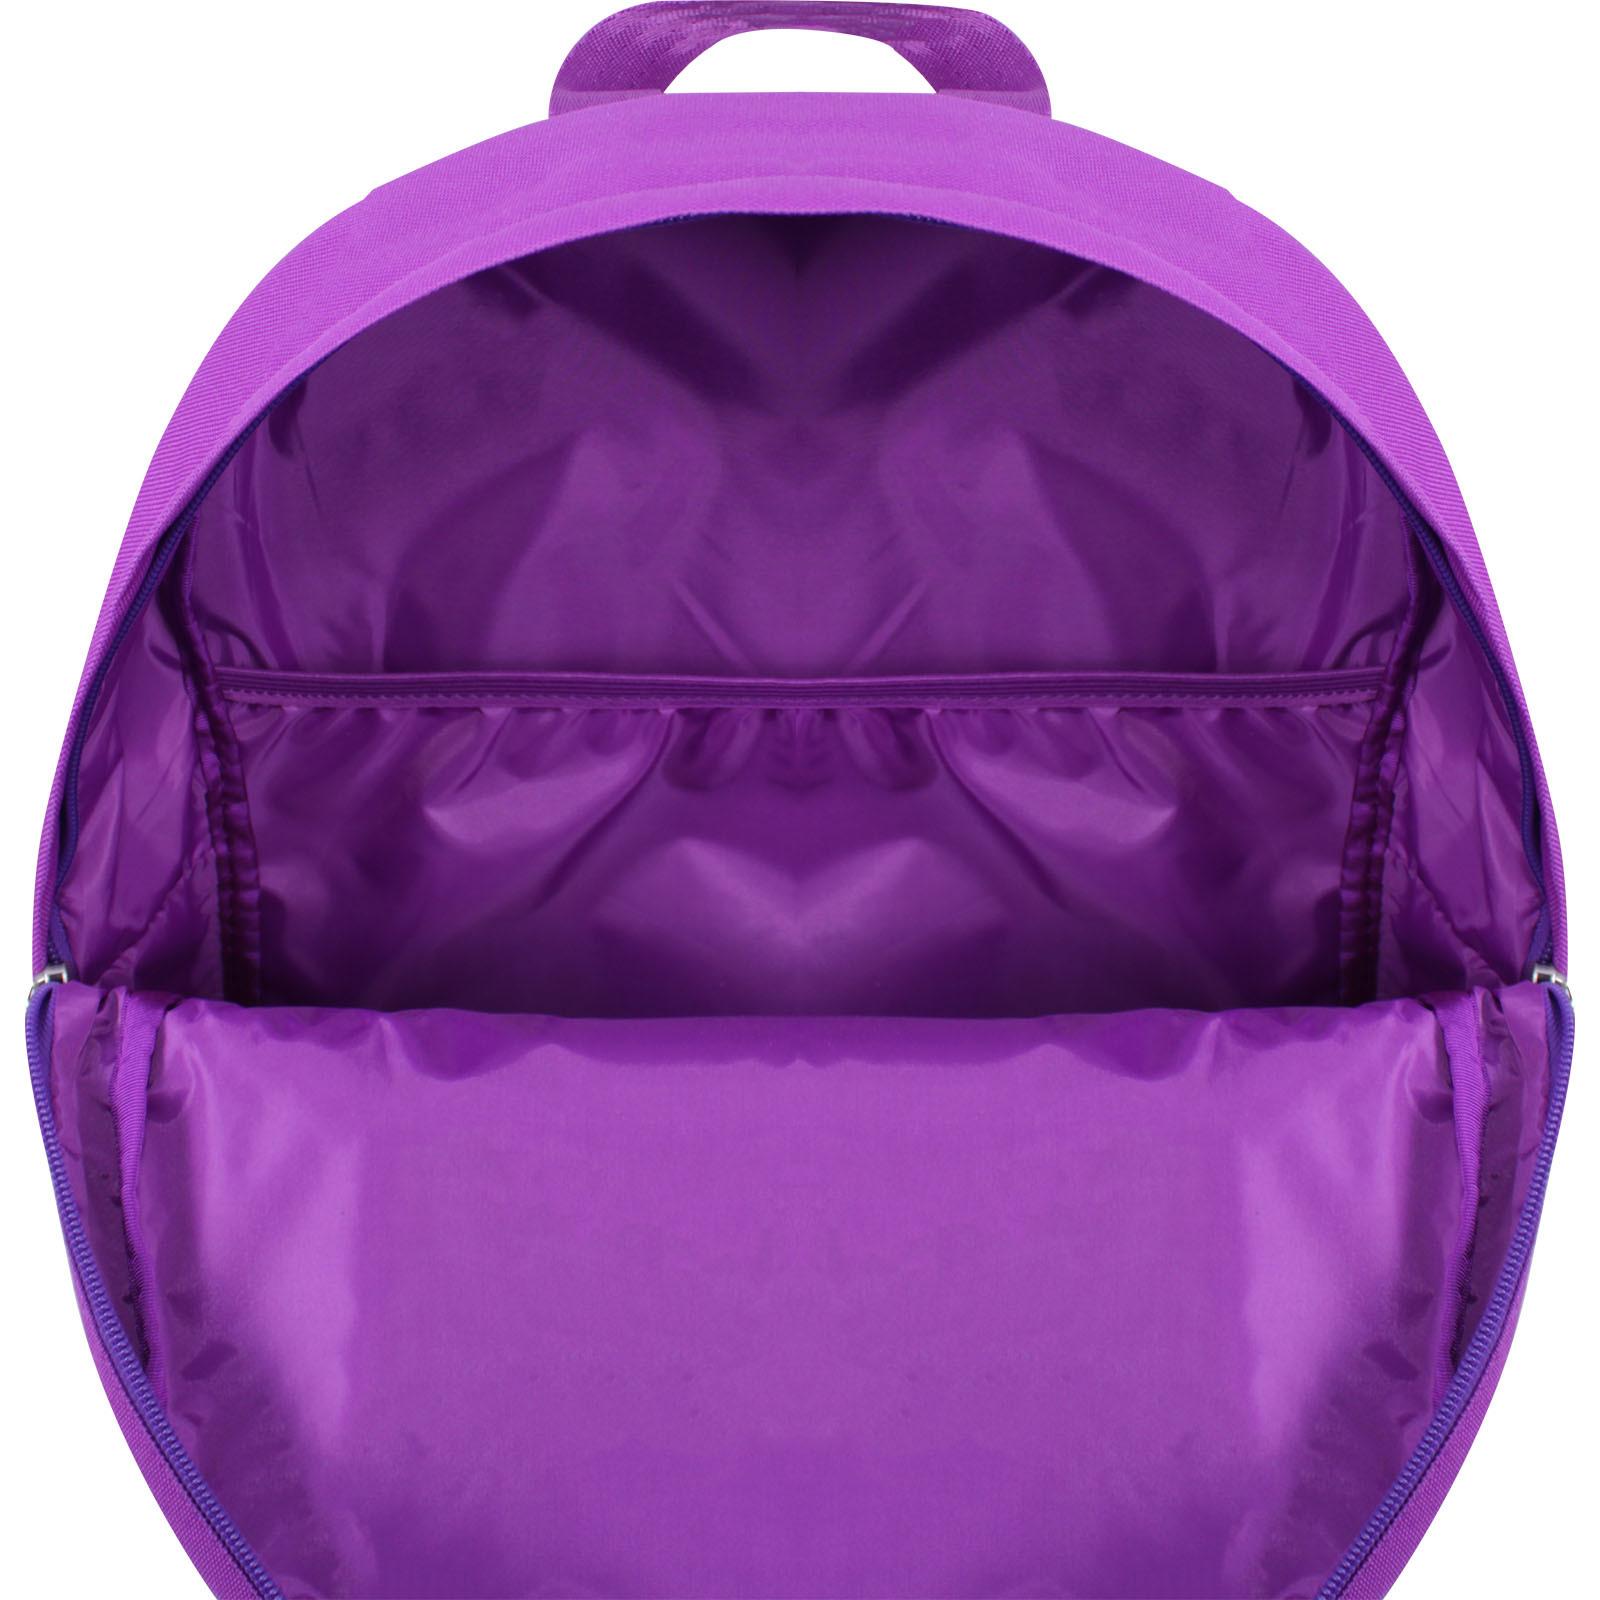 Рюкзак Bagland Молодежный W/R 17 л. 170 Фиолетовый 772 (00533662) фото 5